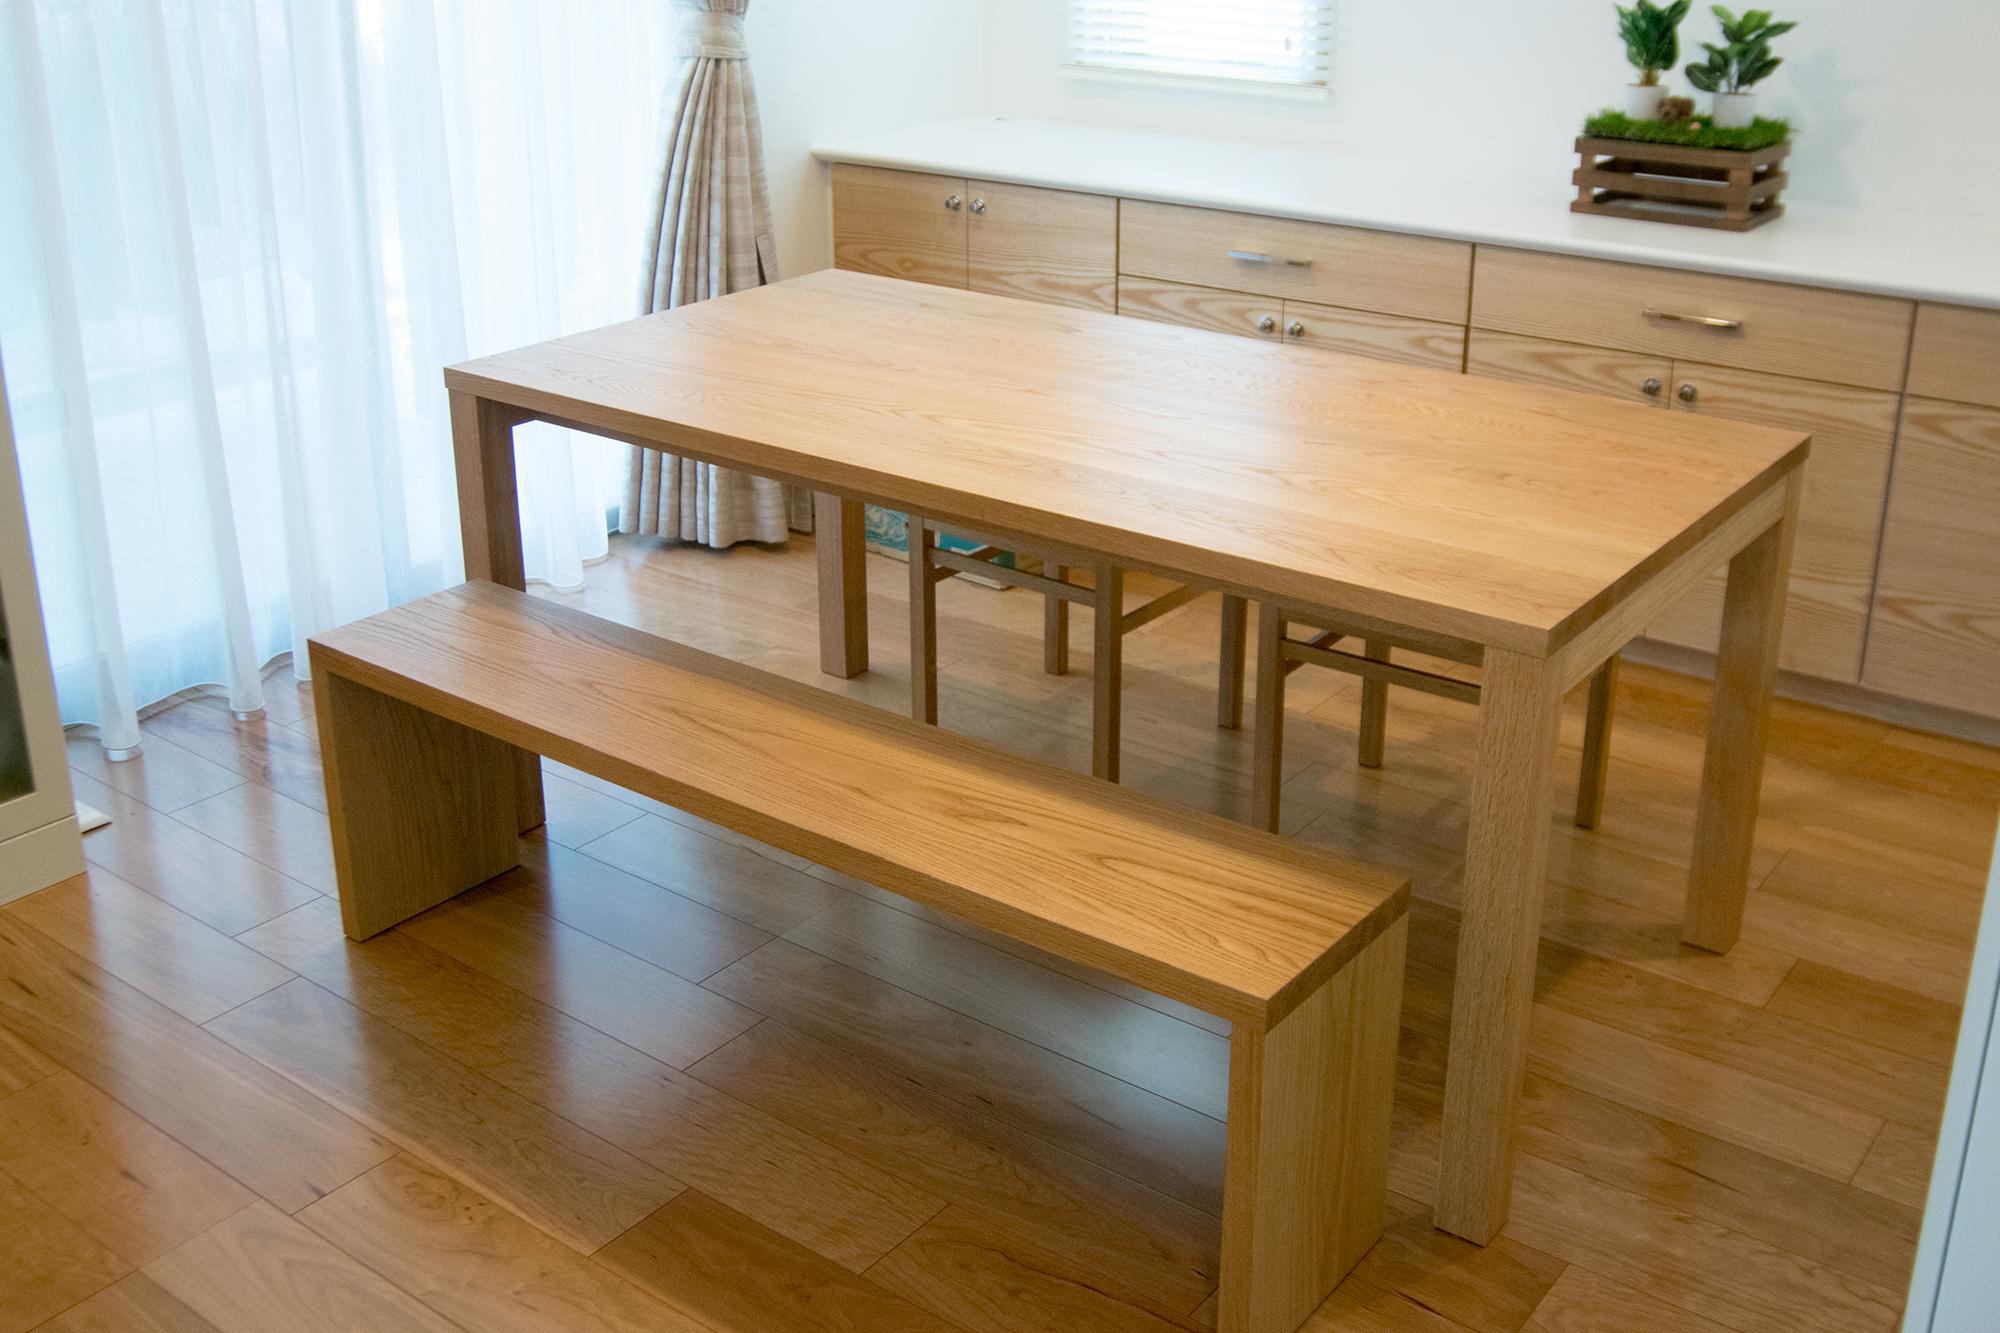 タモ材で制作したスタンダードテーブルとベンチ、ピコチェアのセット